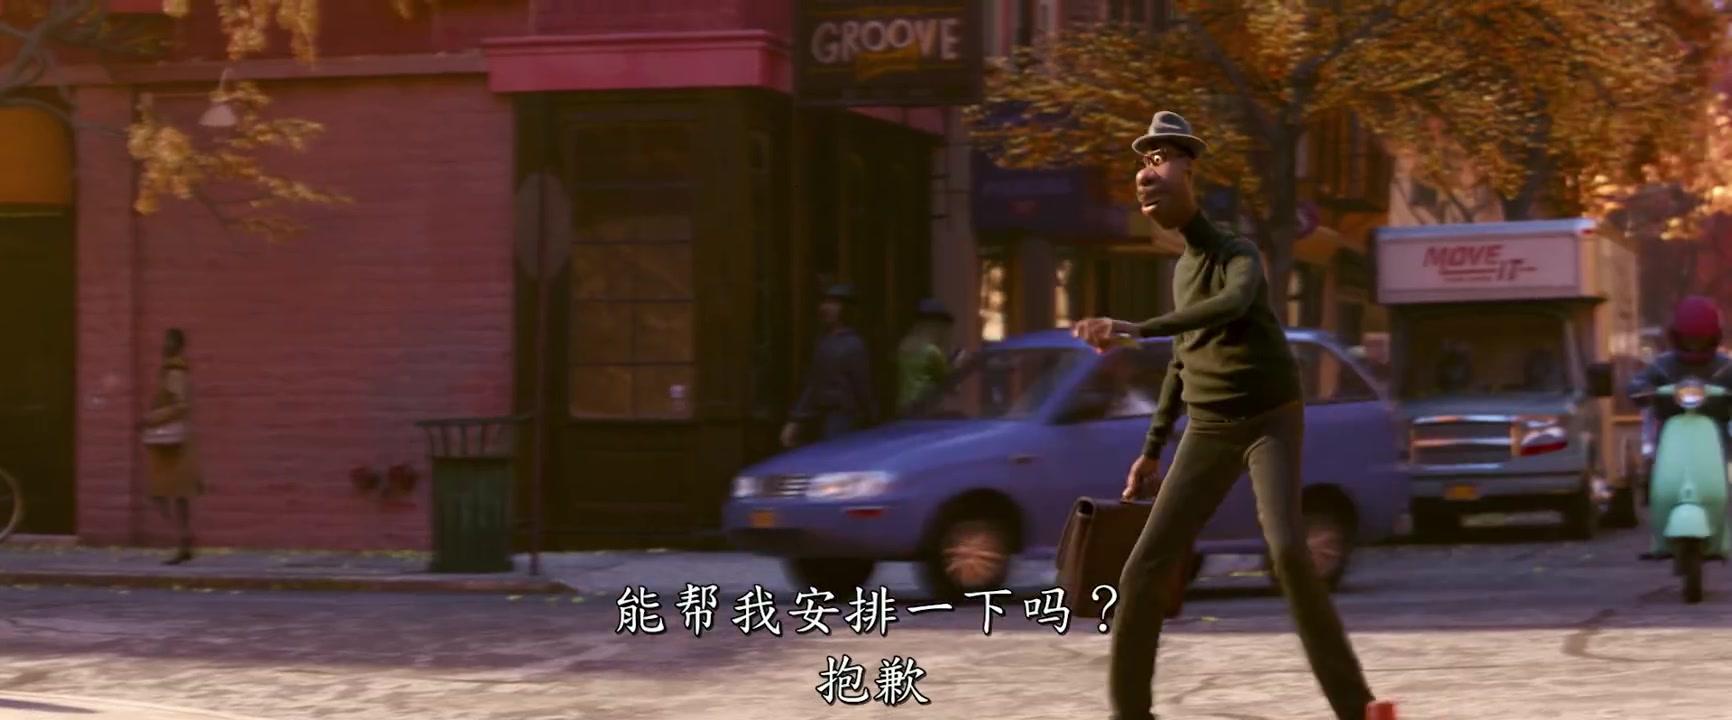 皮克斯全新原创动画《SOUL》先导中字预告片公布